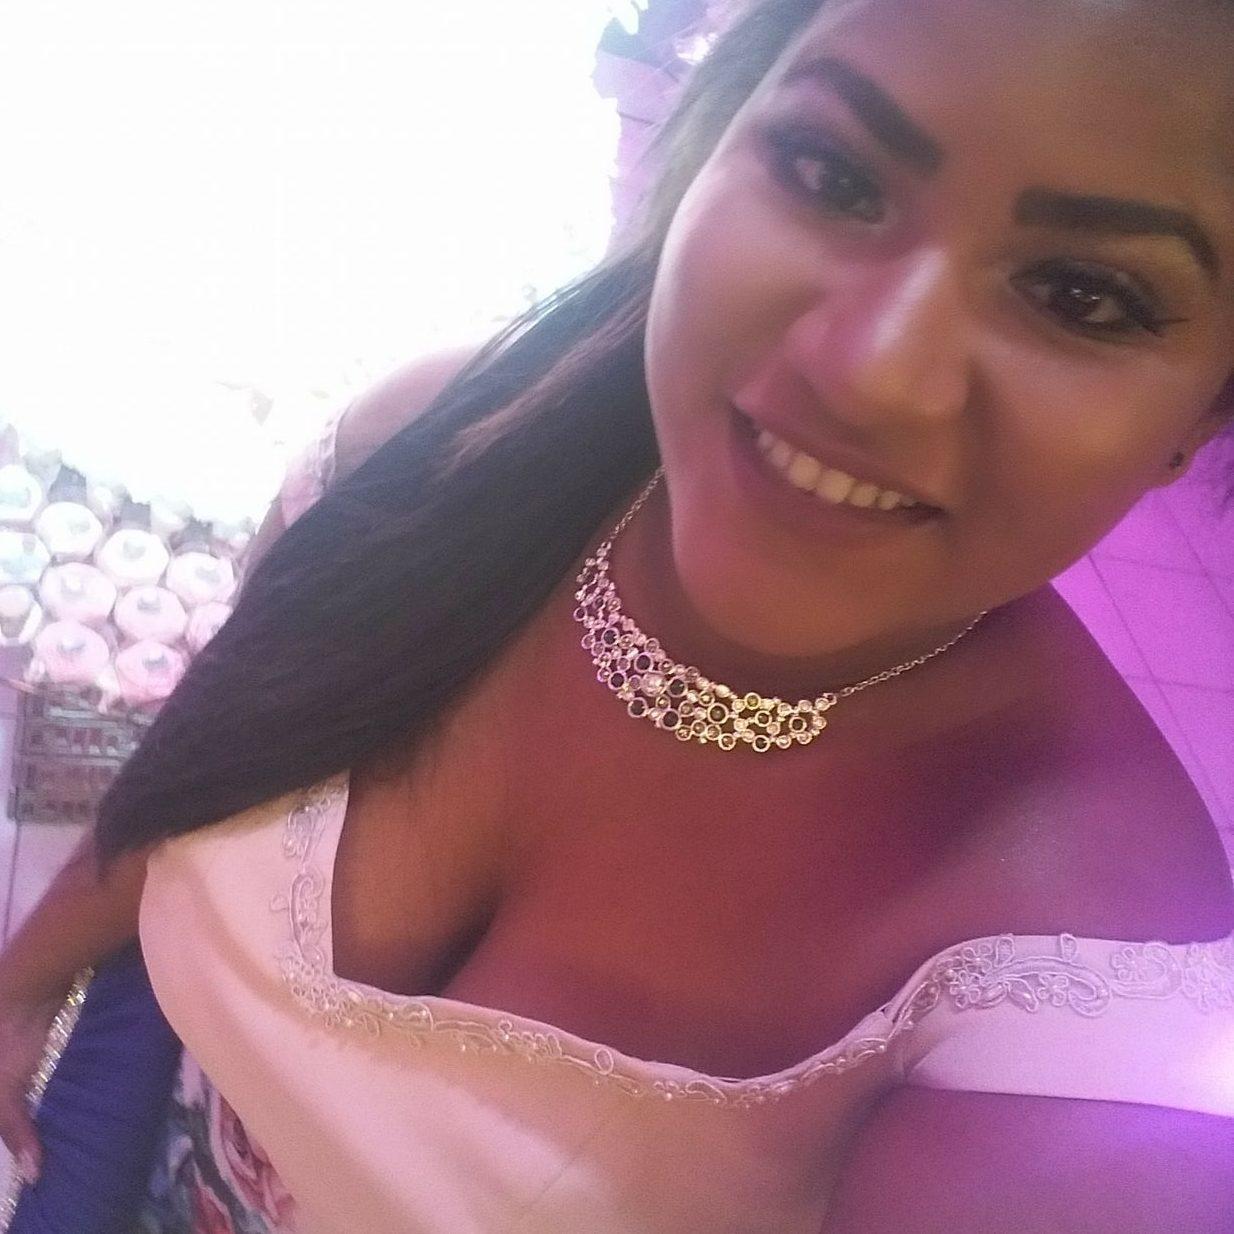 Andrea 9